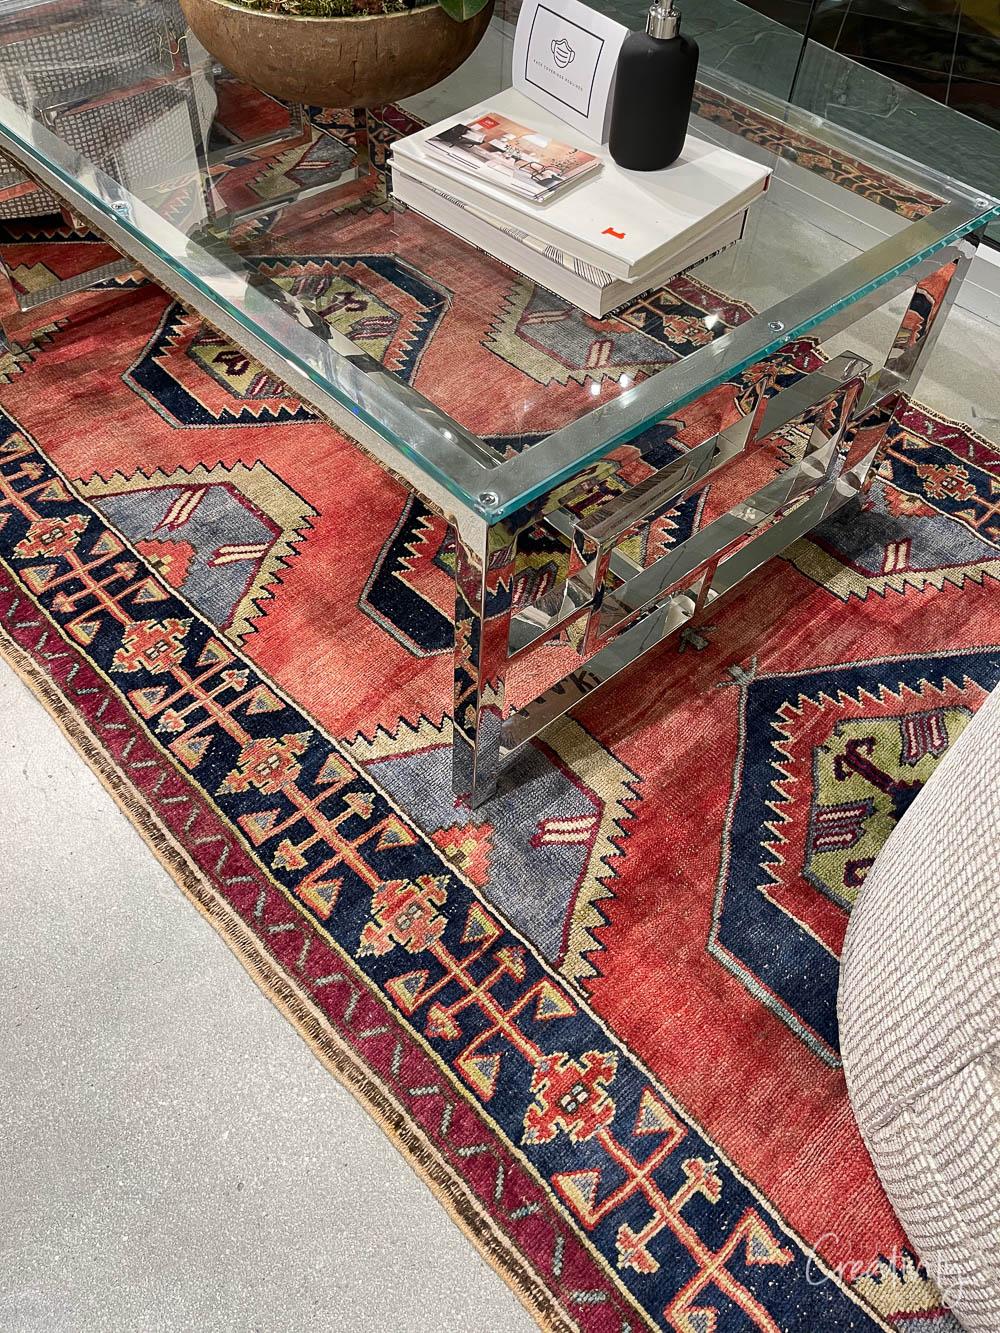 Vintage looking Coral and blue rug